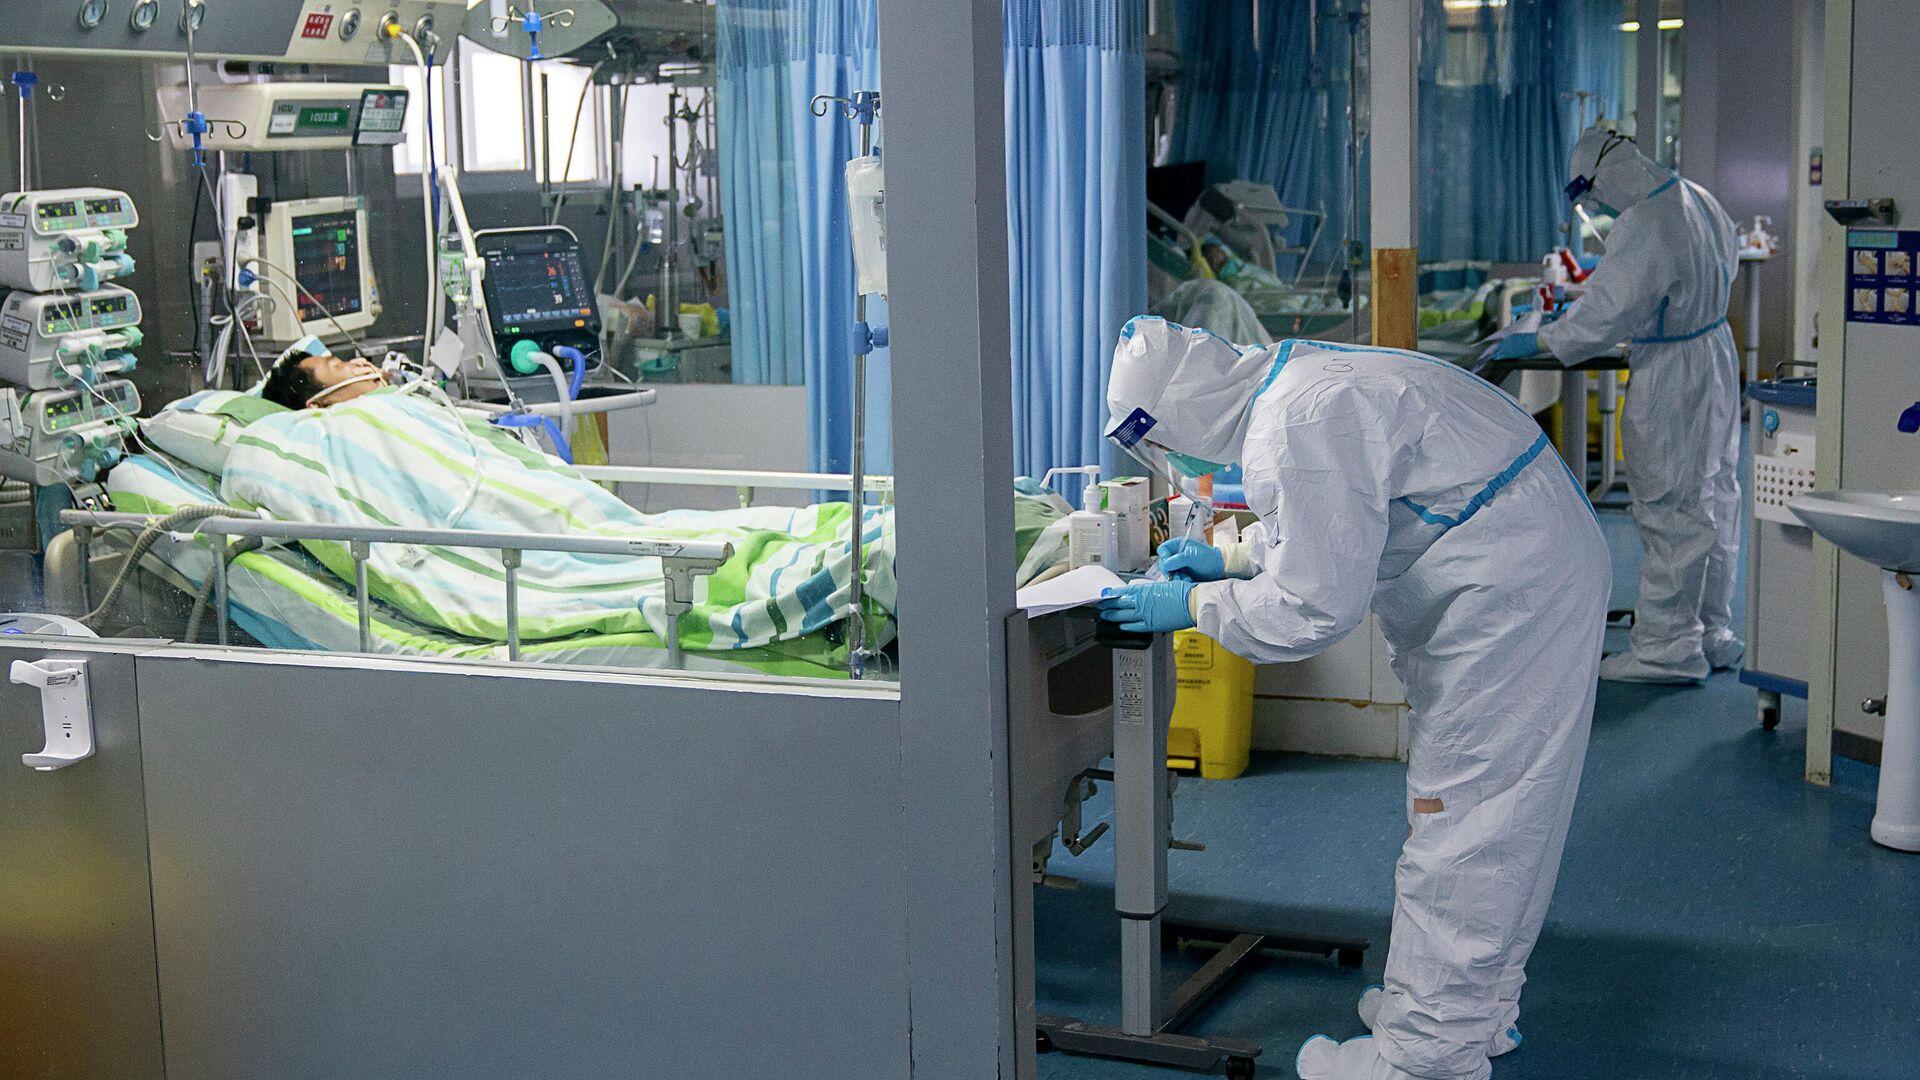 Медицинские работники и пациенты в палате интенсивной терапии в больнице в Китае - РИА Новости, 1920, 12.09.2021